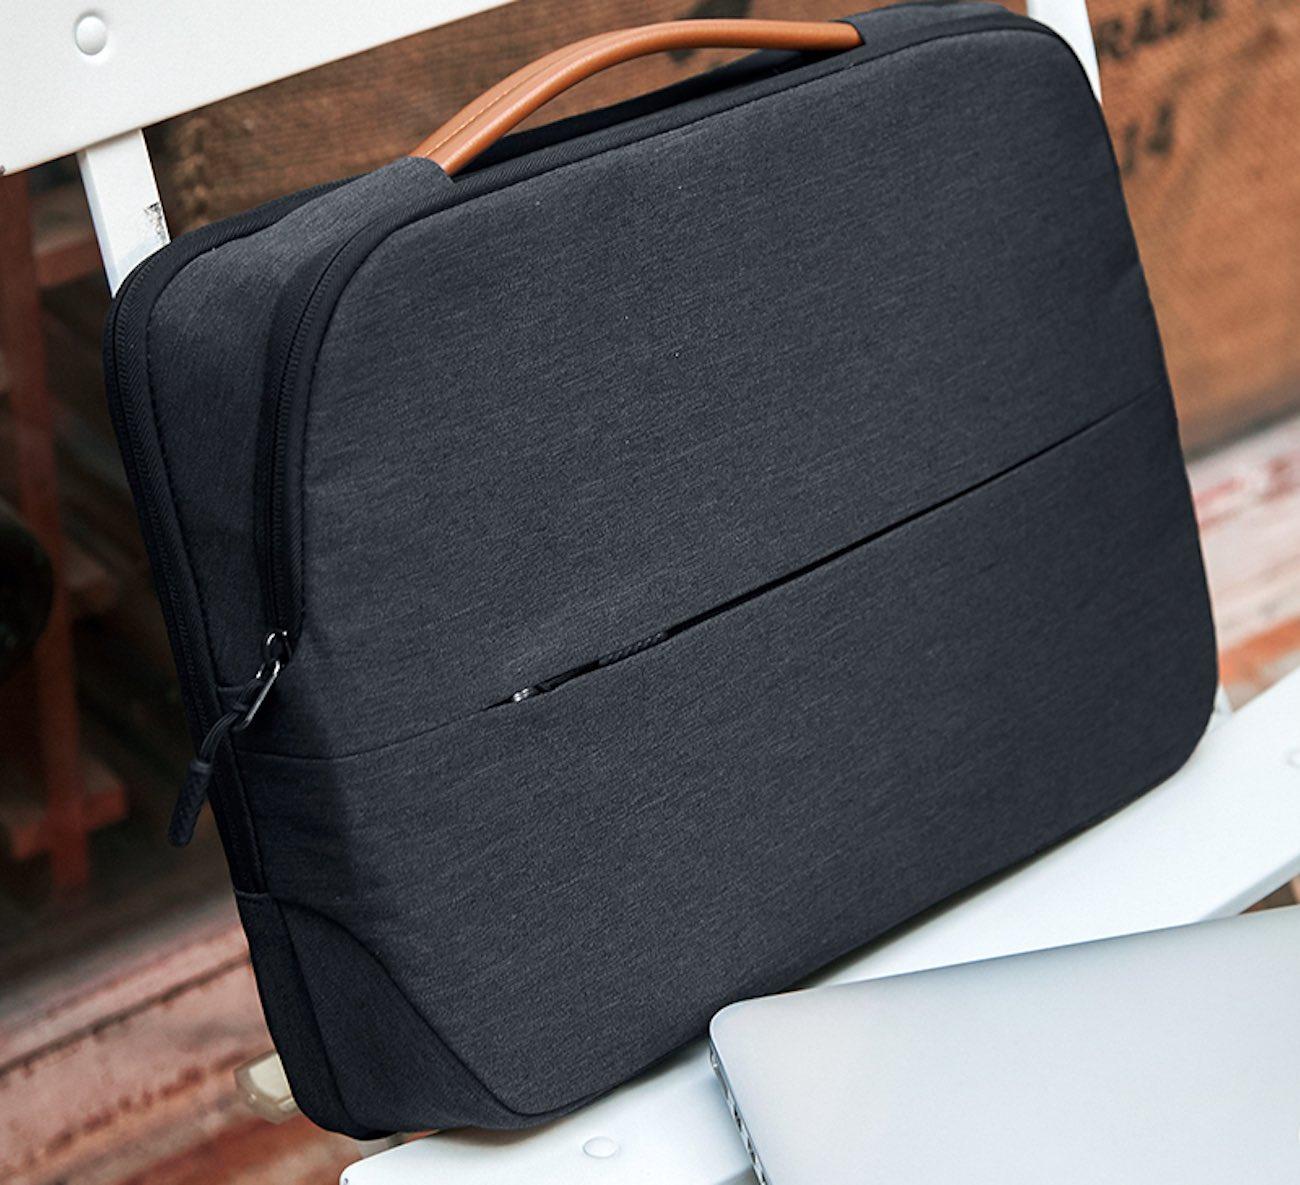 Waterproof Everyday MacBook Bag